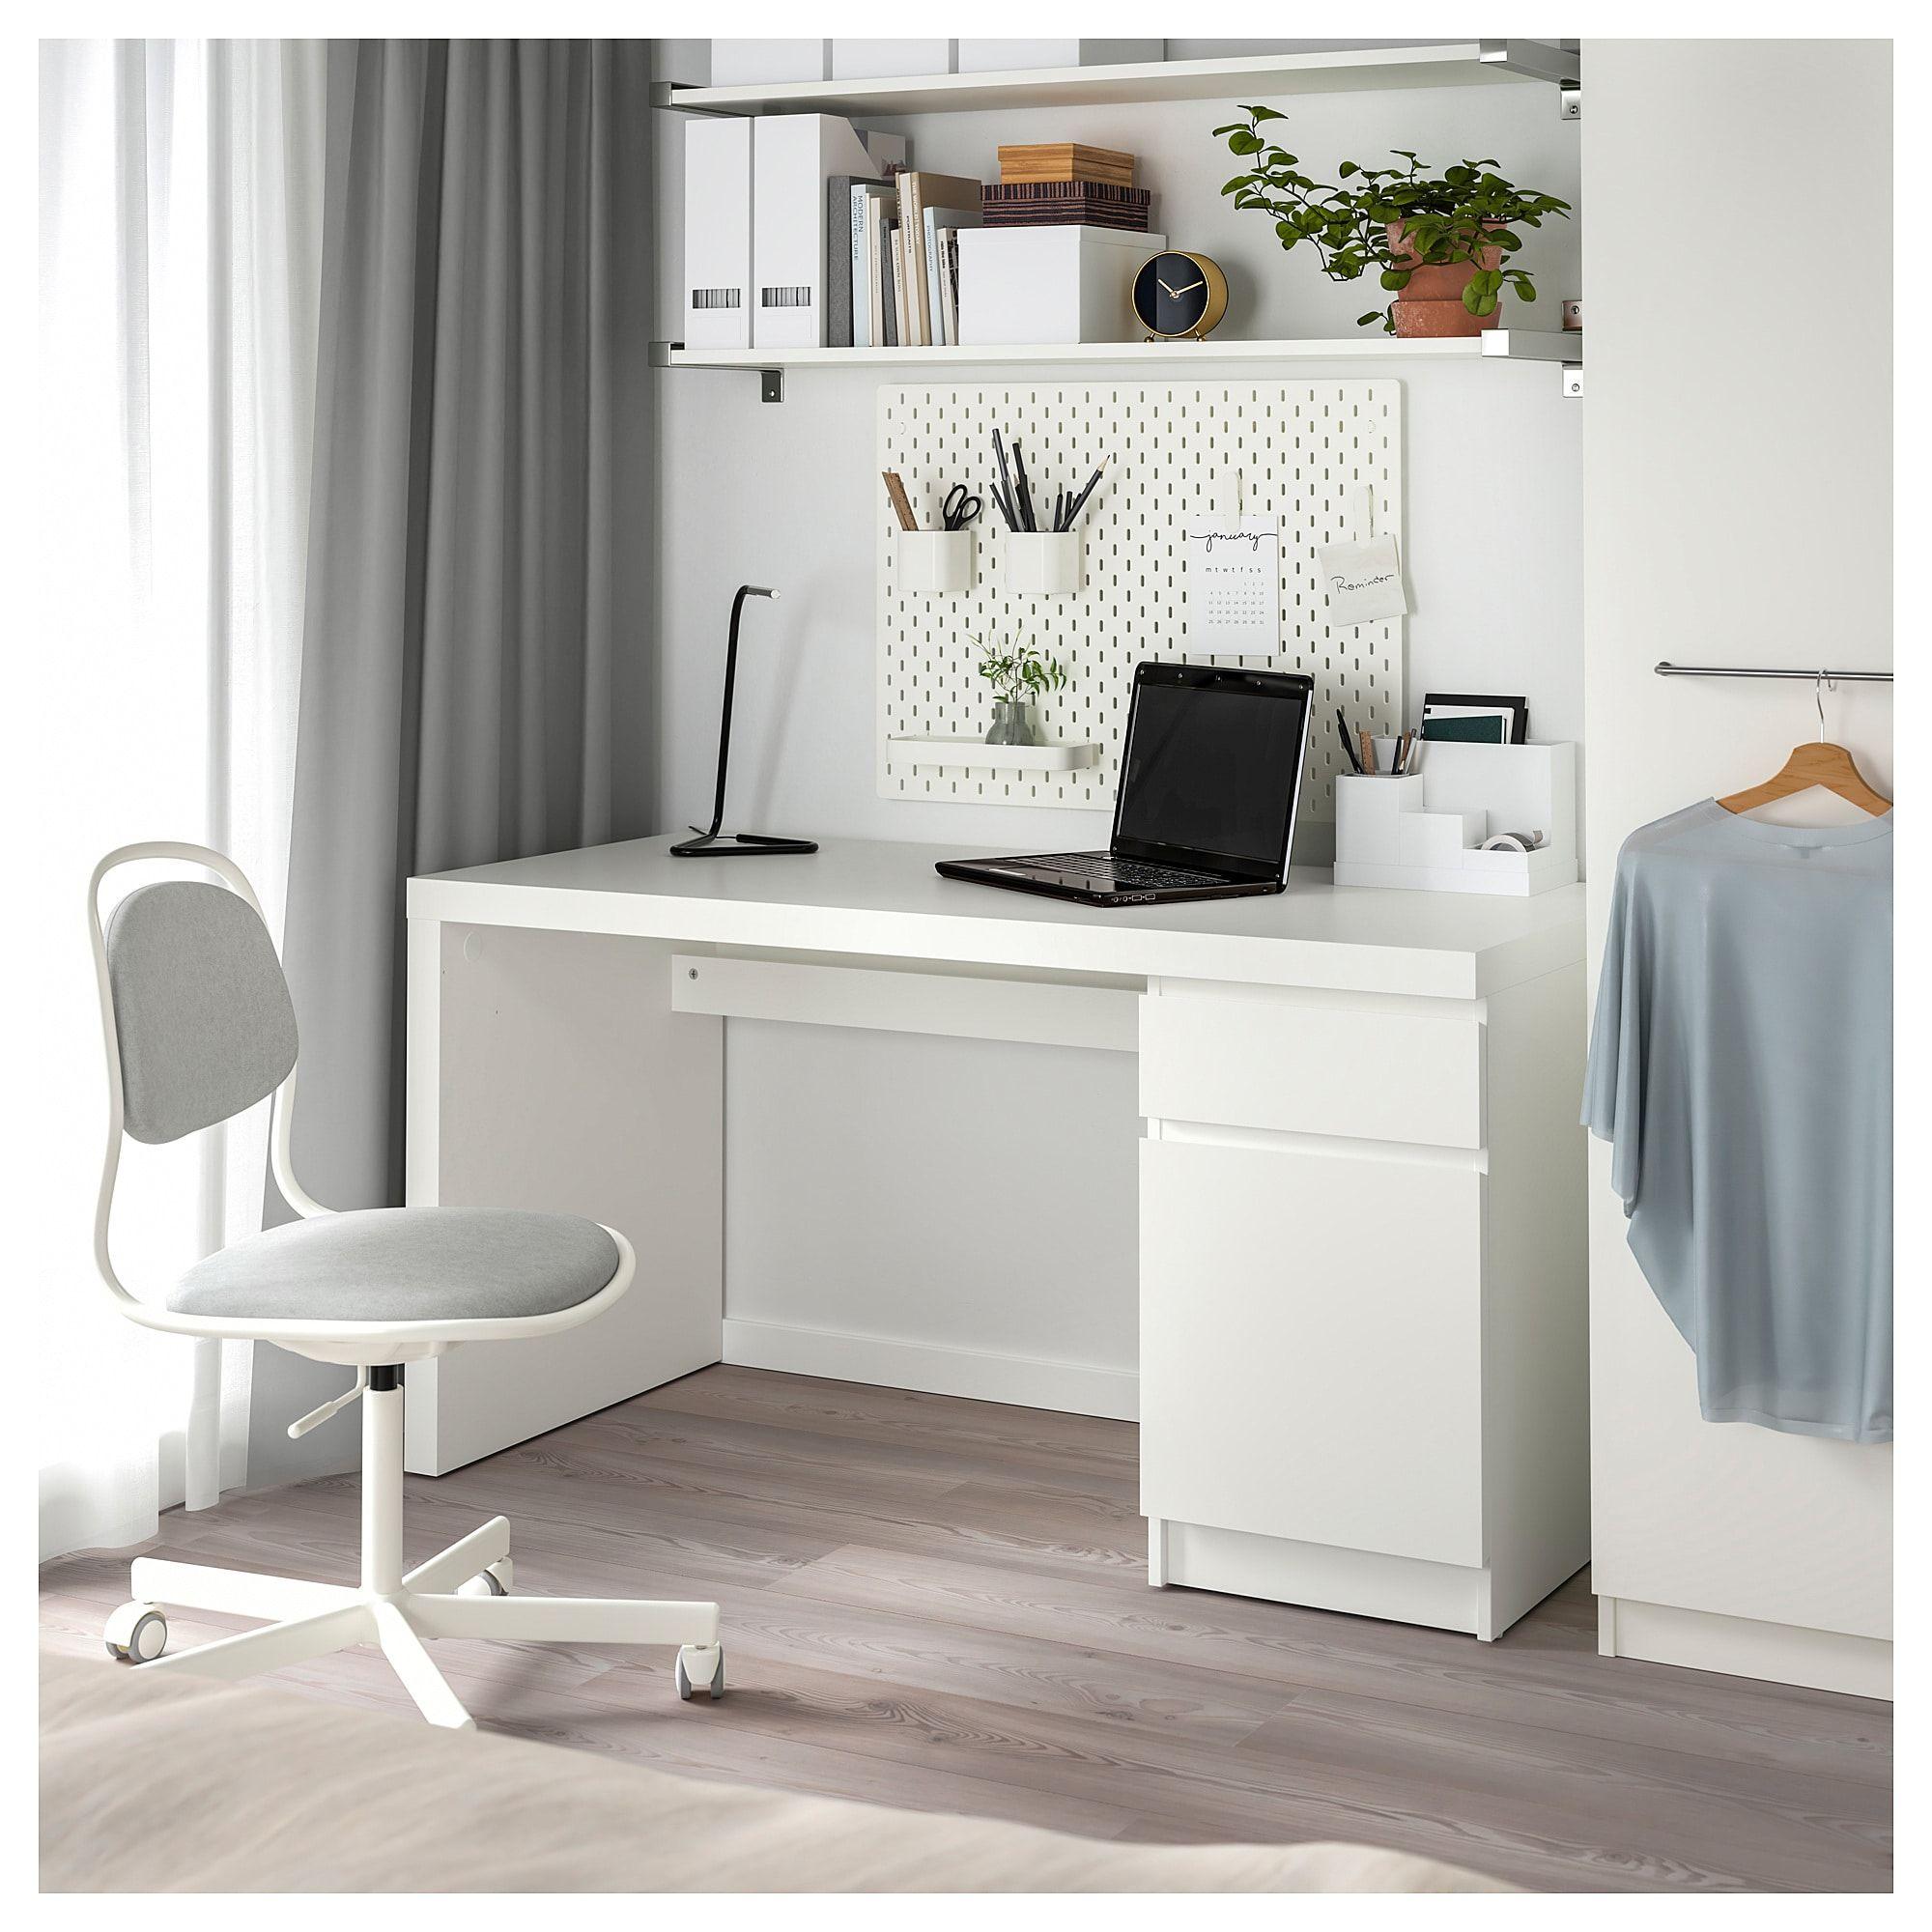 MALM Desk - white 55 1/8x25 5/8